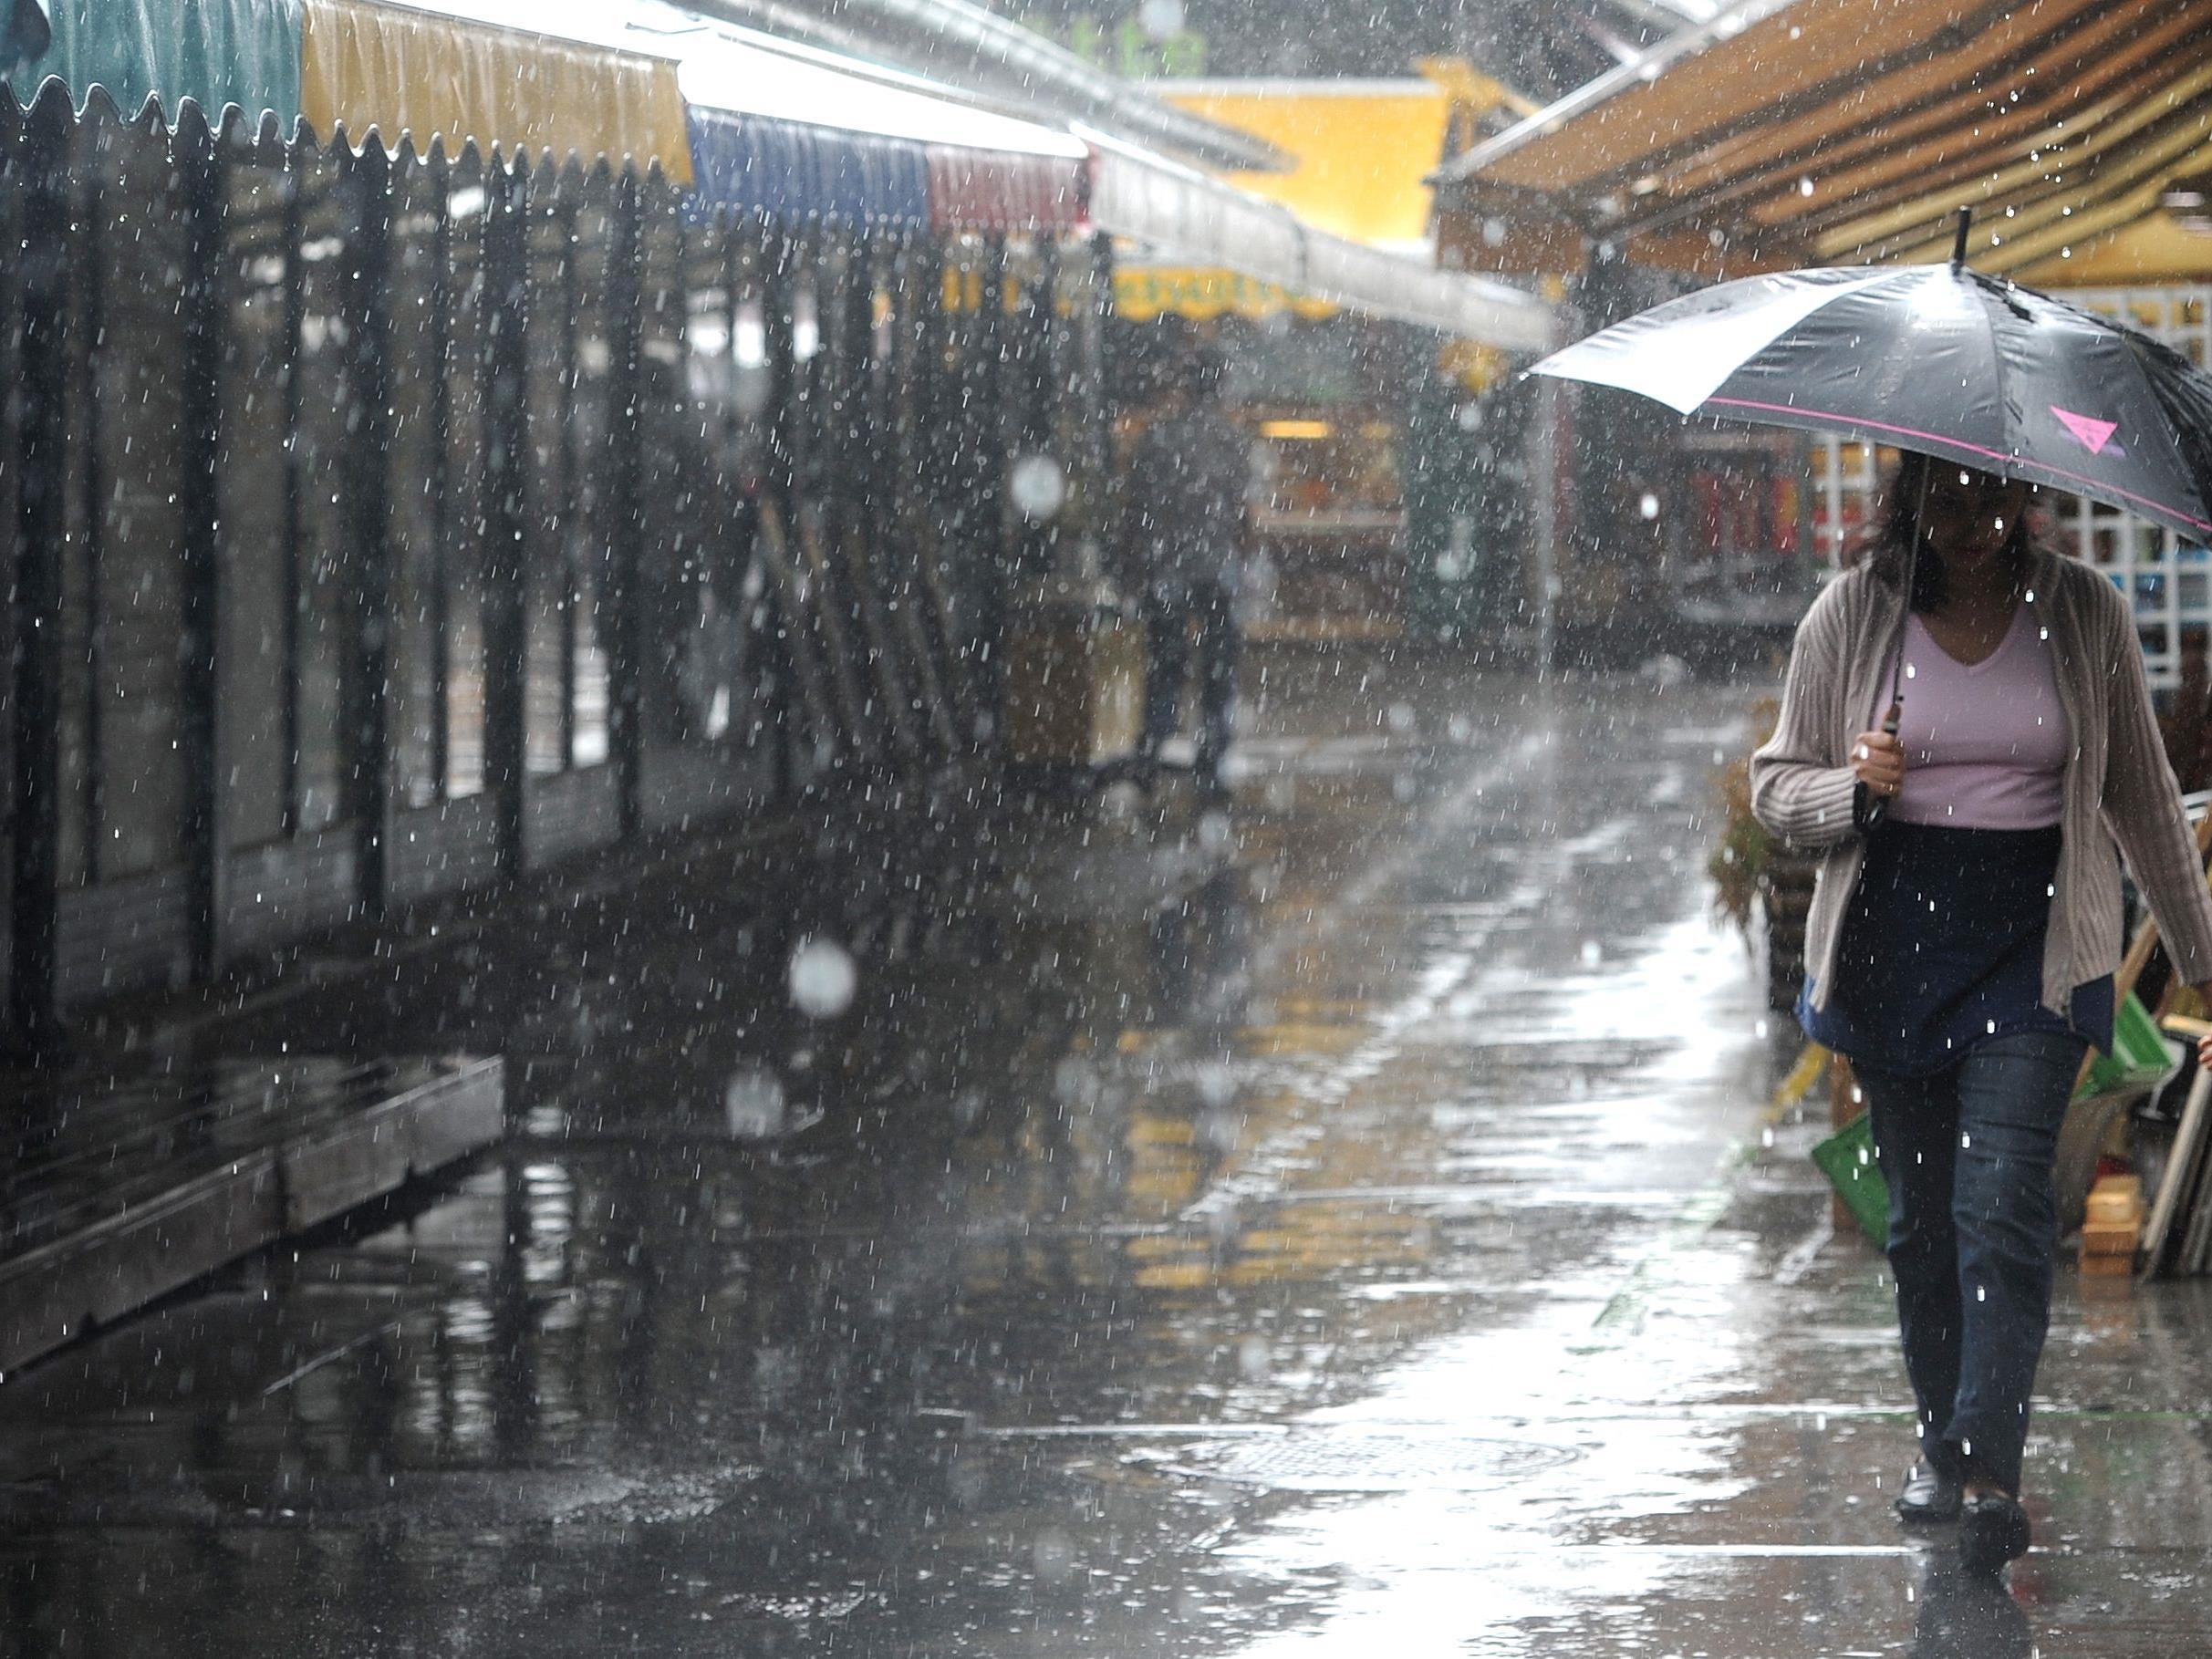 Am Wochenende wird's kühl und regnerisch.